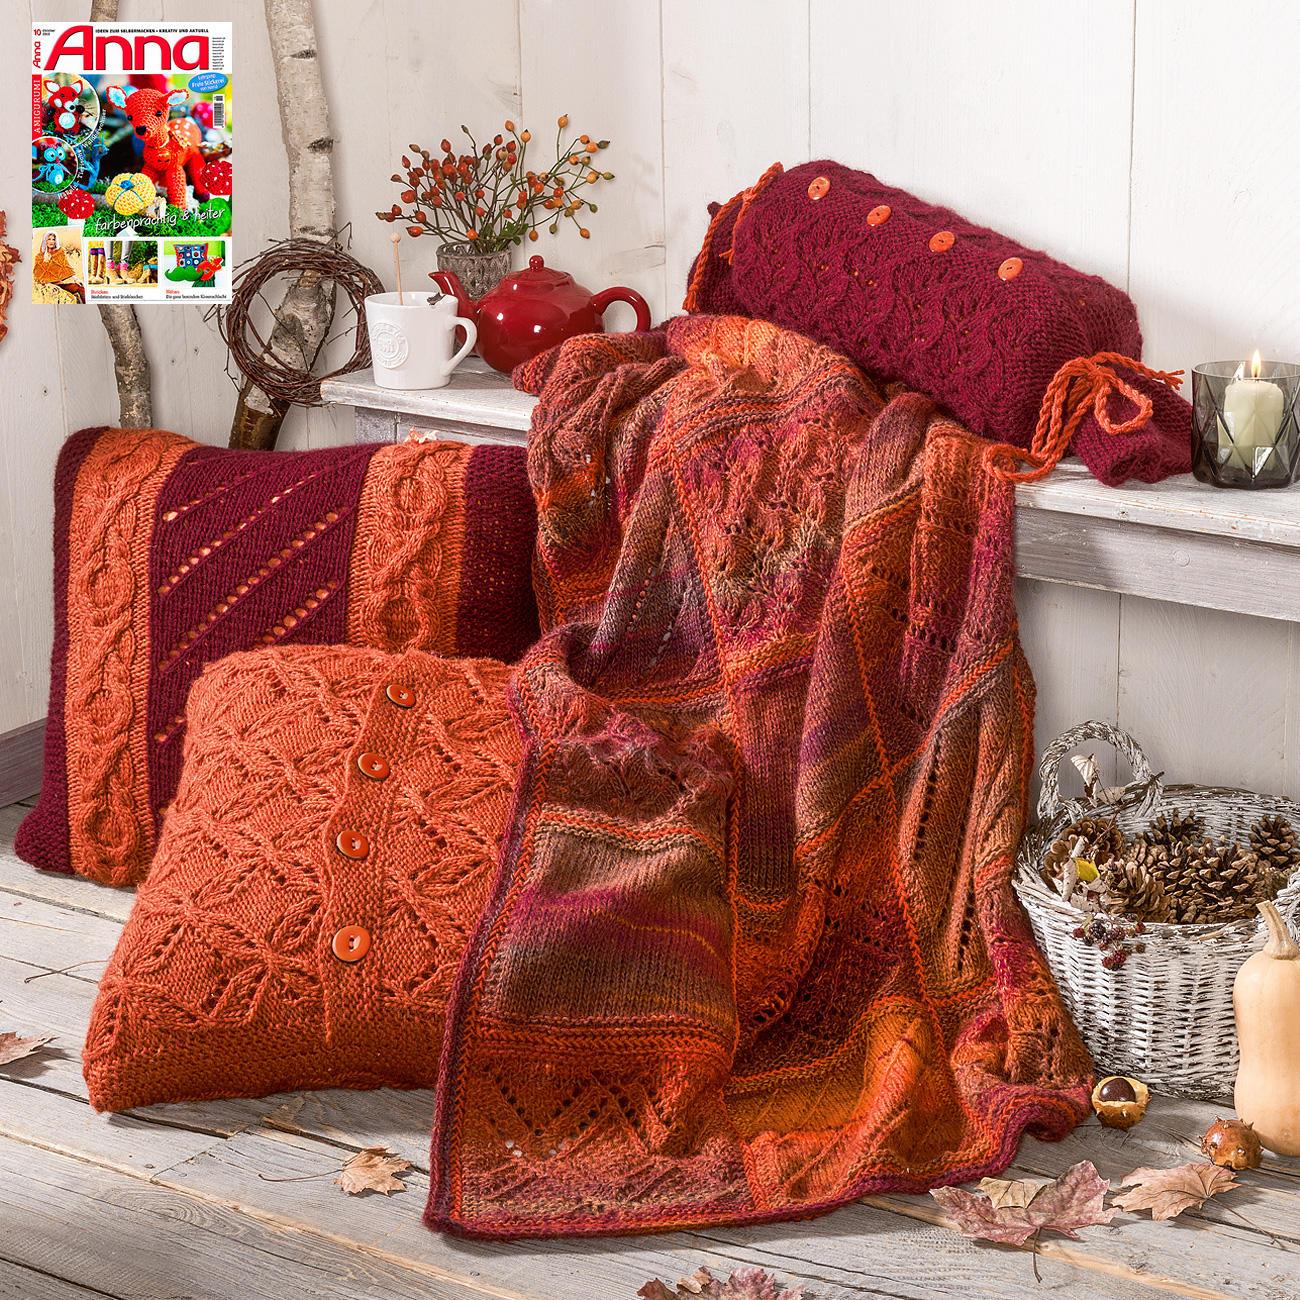 anleitung 157 6 decke aus scala und merino classic von junghans wolle 2 versch farben. Black Bedroom Furniture Sets. Home Design Ideas